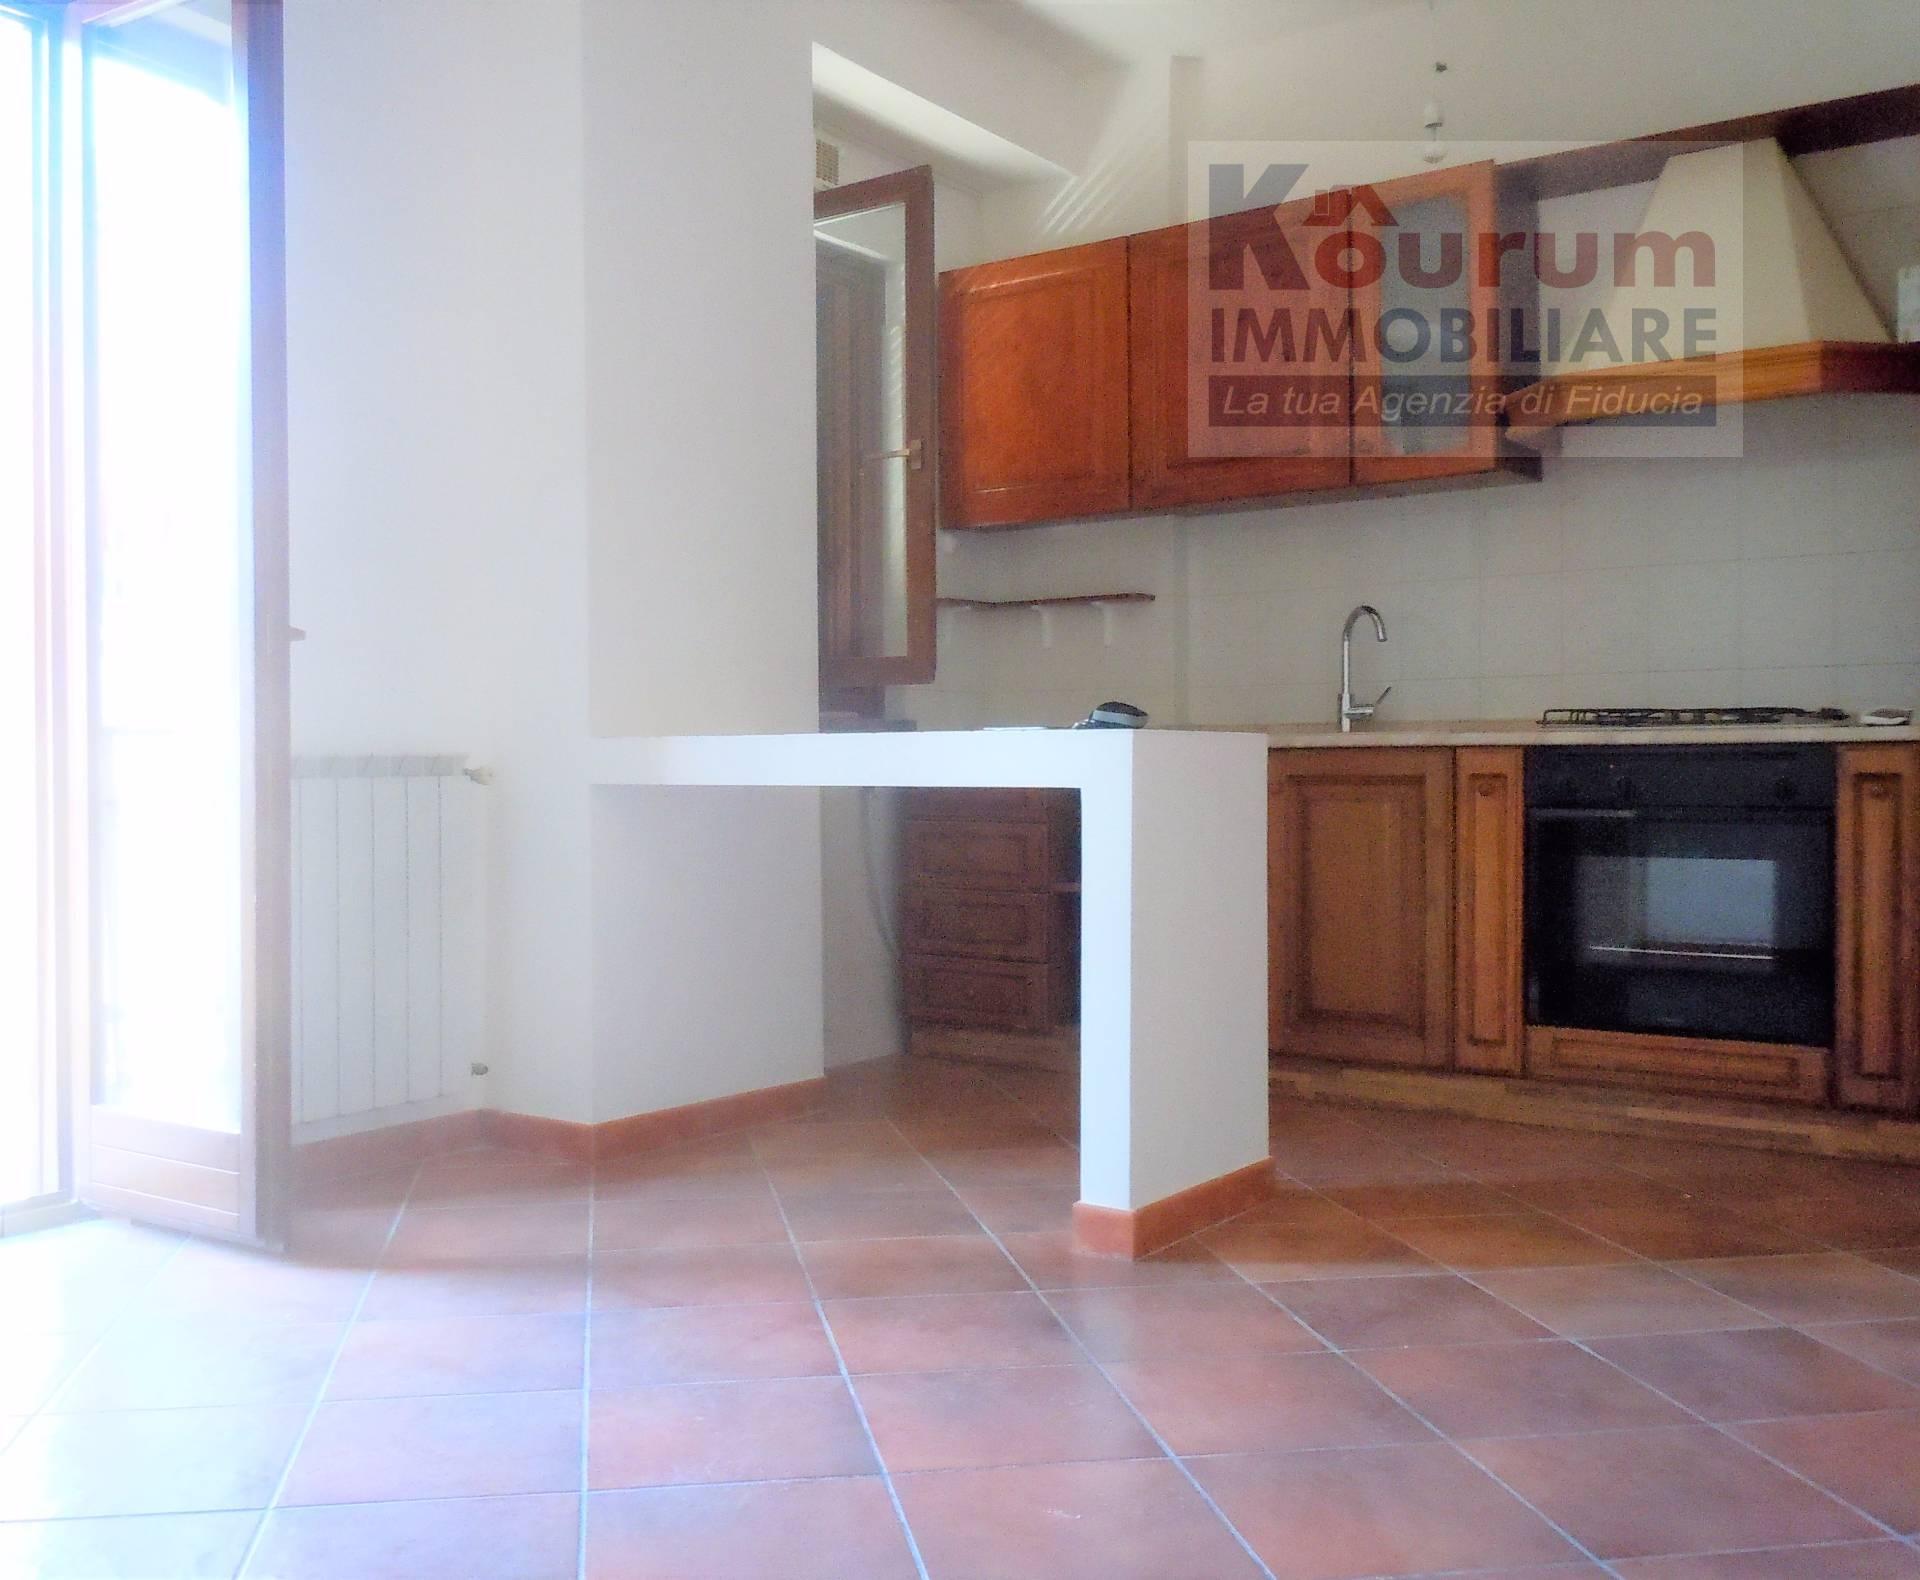 Appartamento in affitto a Ciampino, 2 locali, zona Località: AcquaAcetosa, prezzo € 590 | Cambio Casa.it